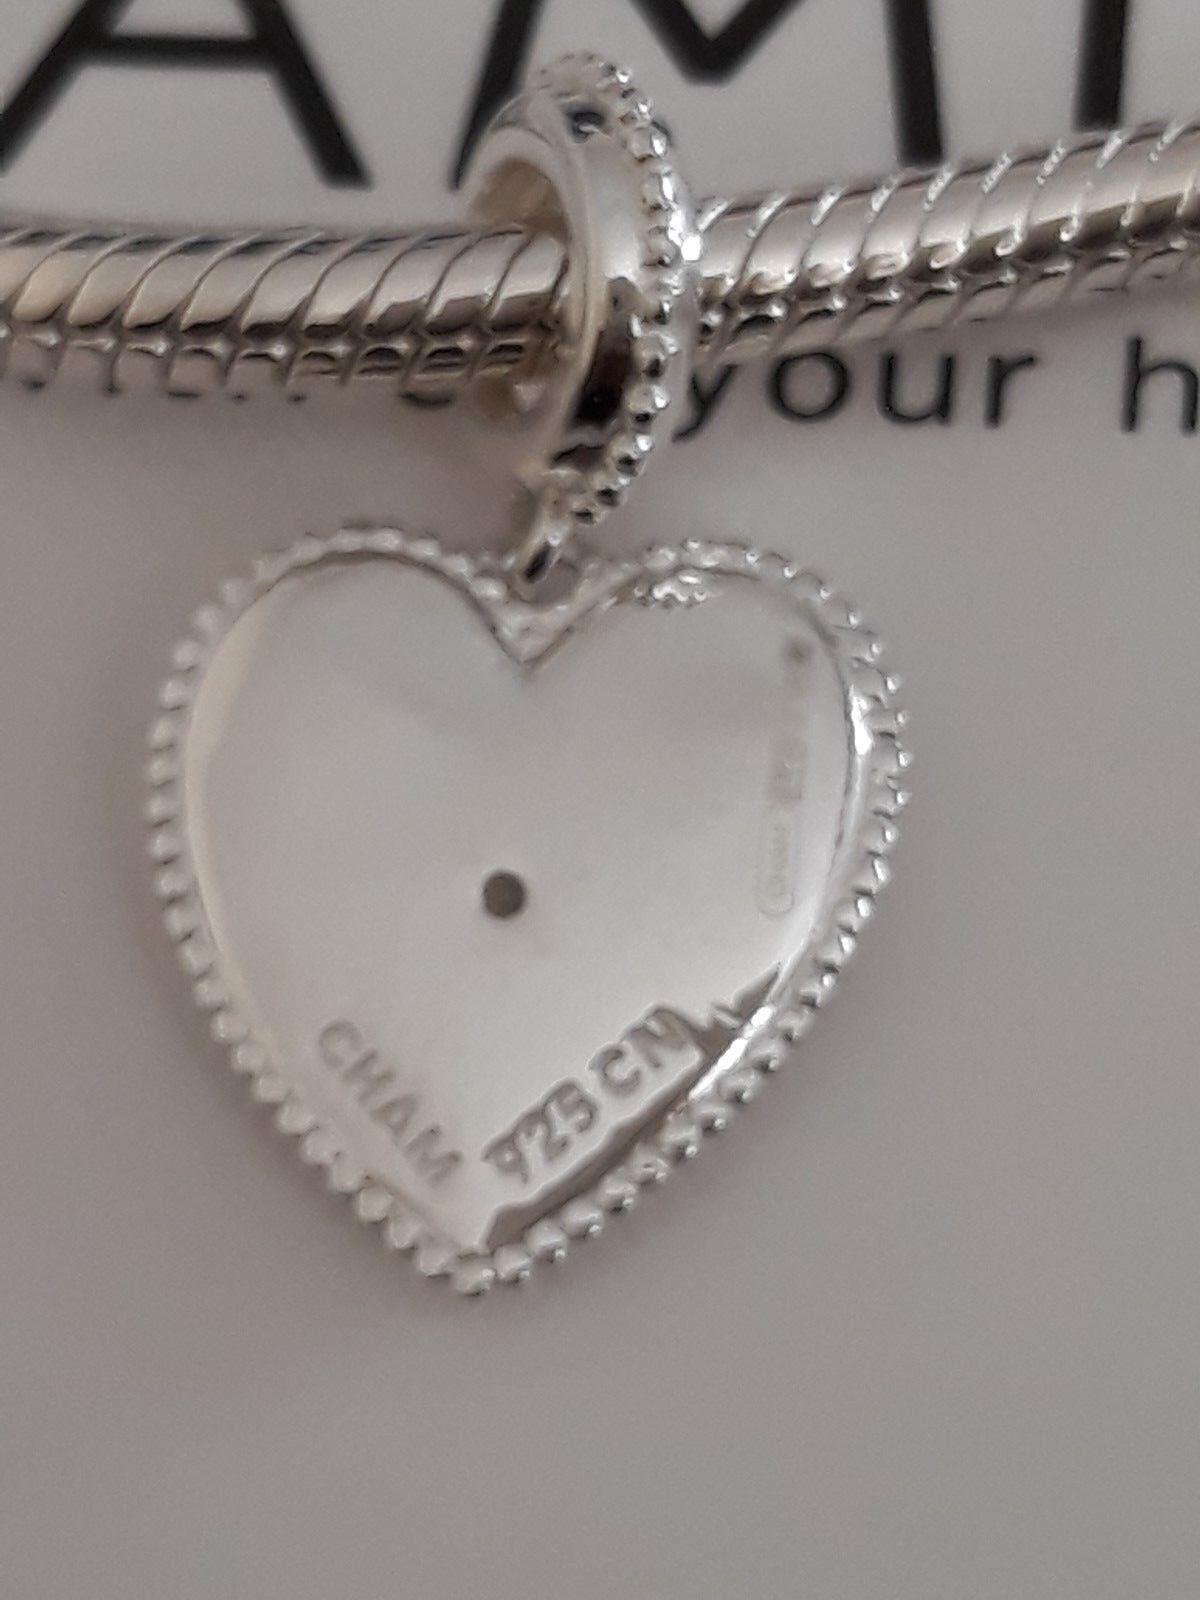 Autentico Chamilia 925 argentoo argentoo argentoo E Diamante Set Amore Cuore Ciondolo   San Valentino a782a9